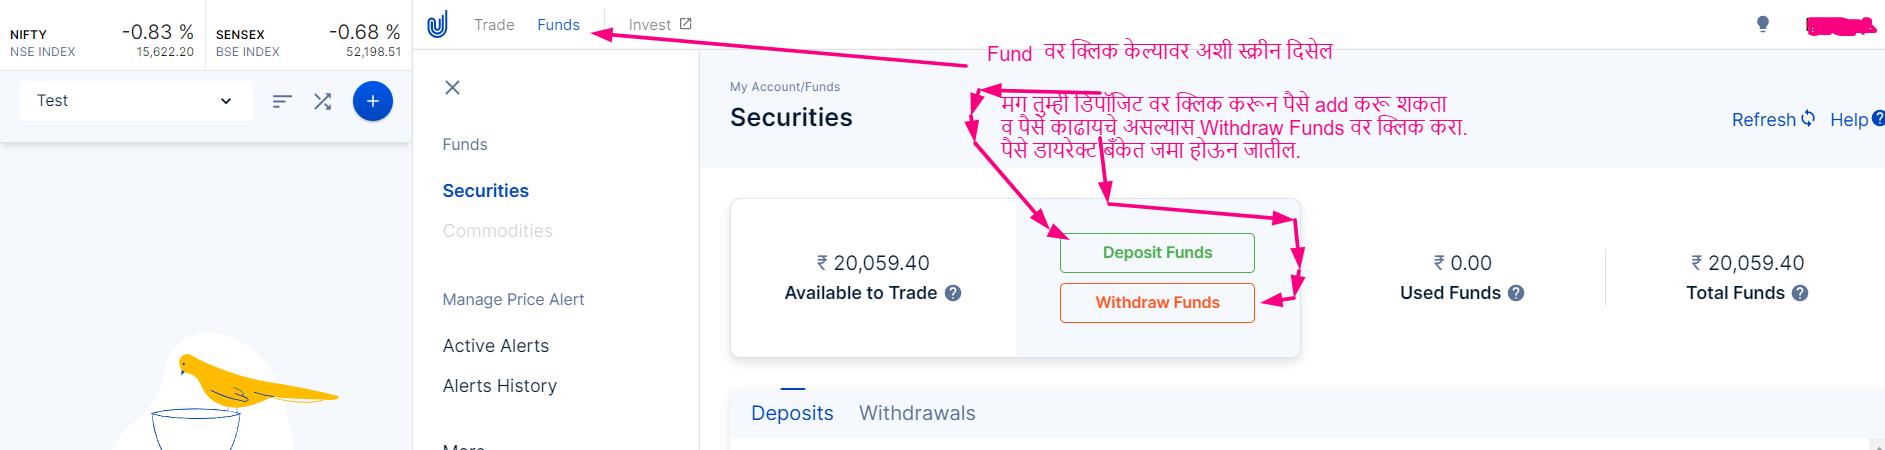 इंट्राडे ट्रेडिंग से पैसे कैसे कमाए #1 इंट्राडे ट्रेडिंग फॉर्मूला - & Intraday Strategy in Hindi